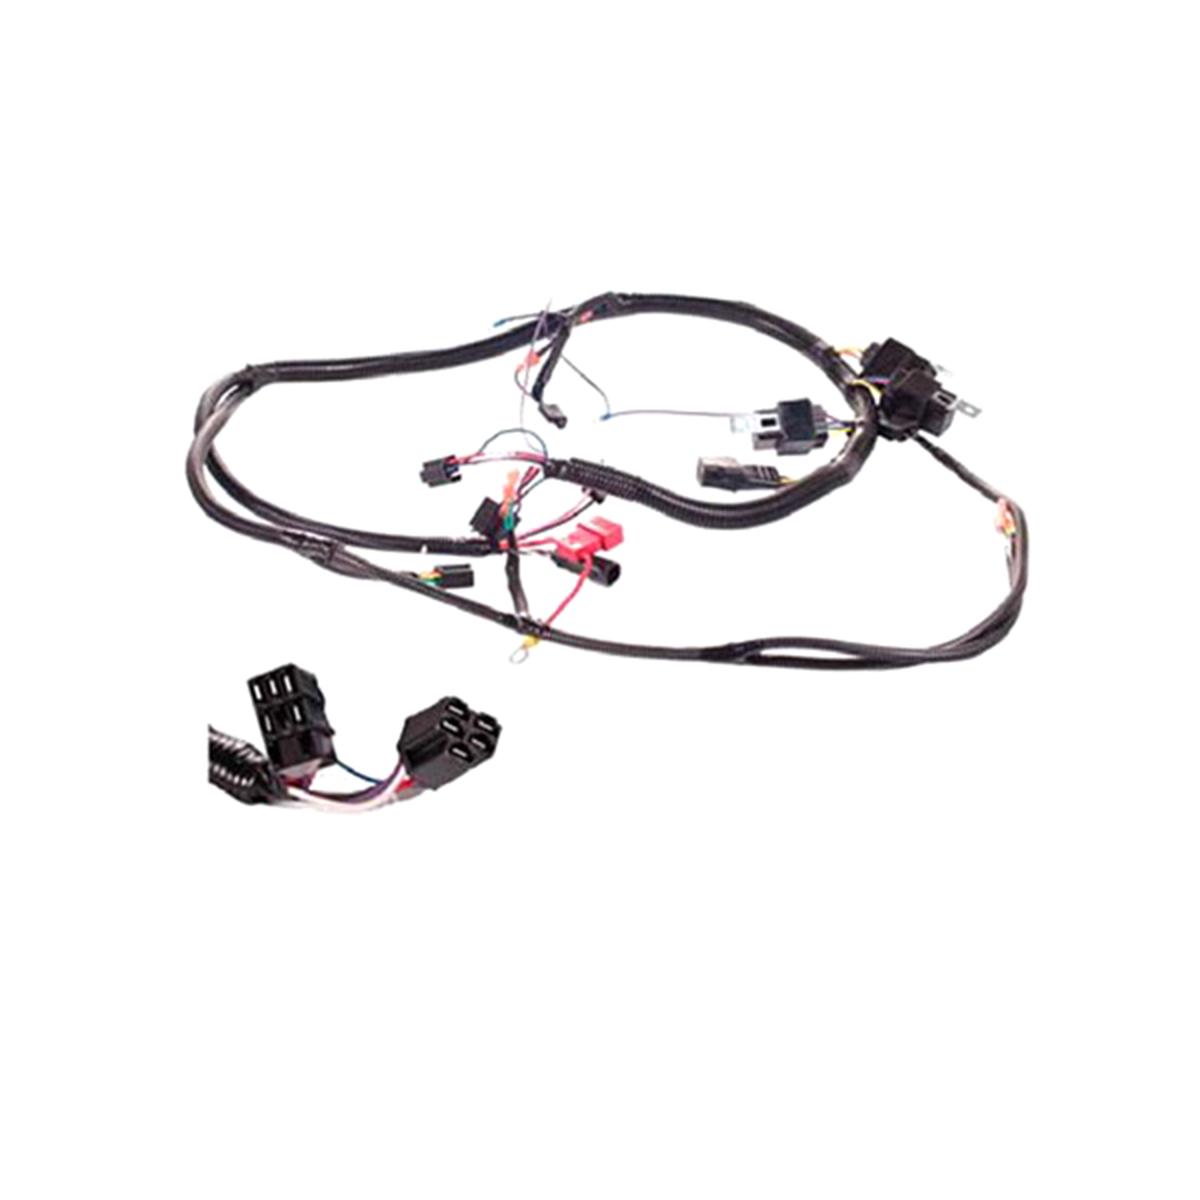 chopper wiring harness kits